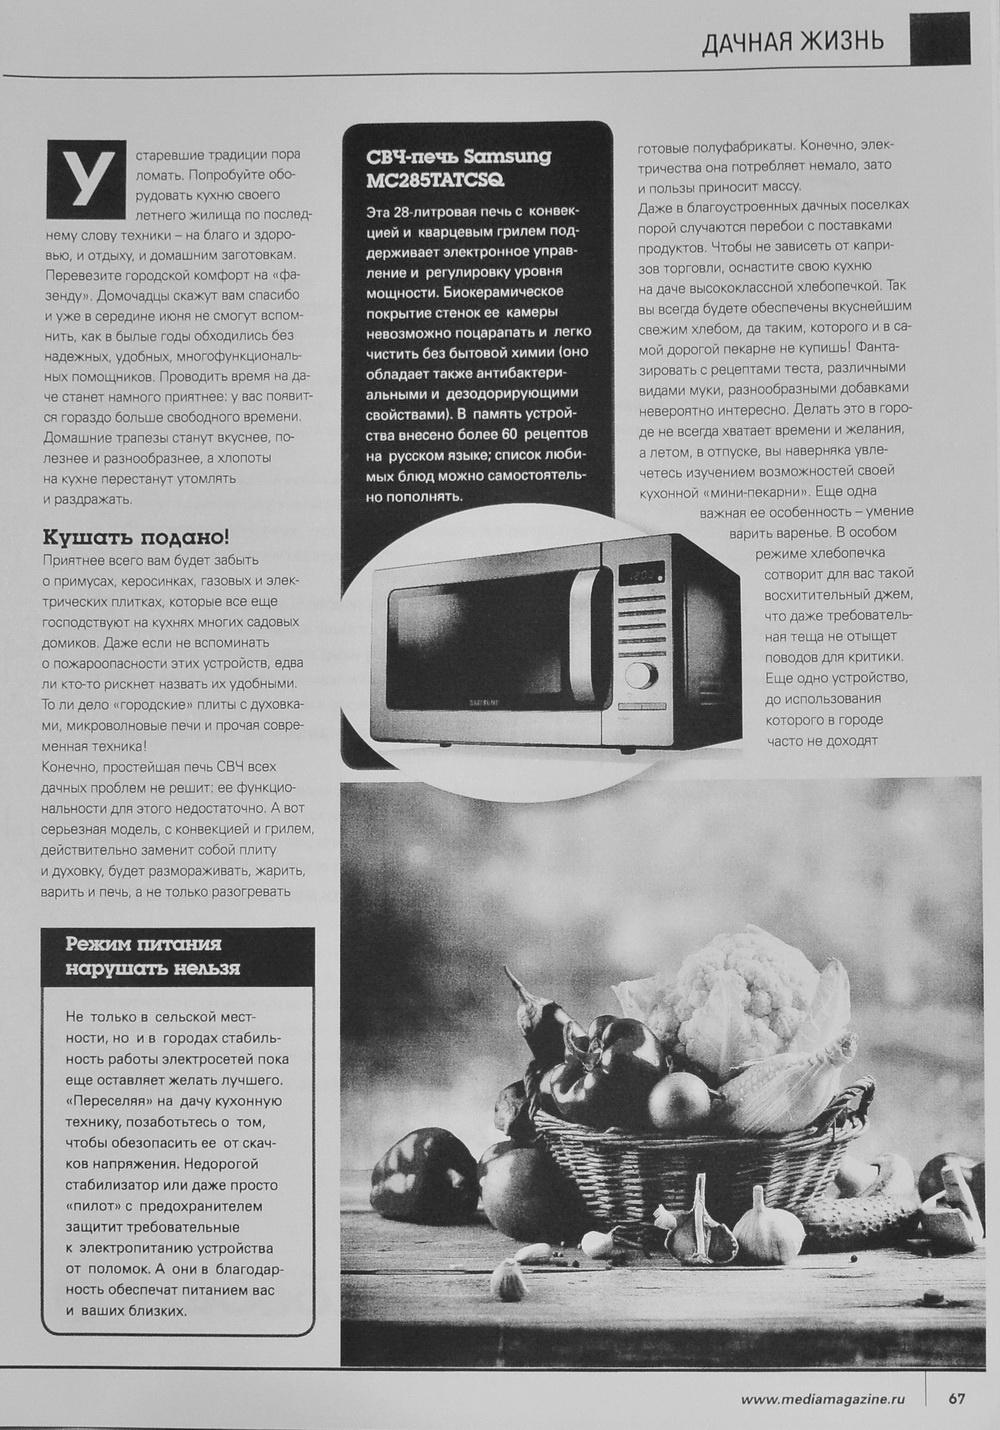 Офисная мечта: изучаем топовый МФУ Panasonic DP-MB545 - 53